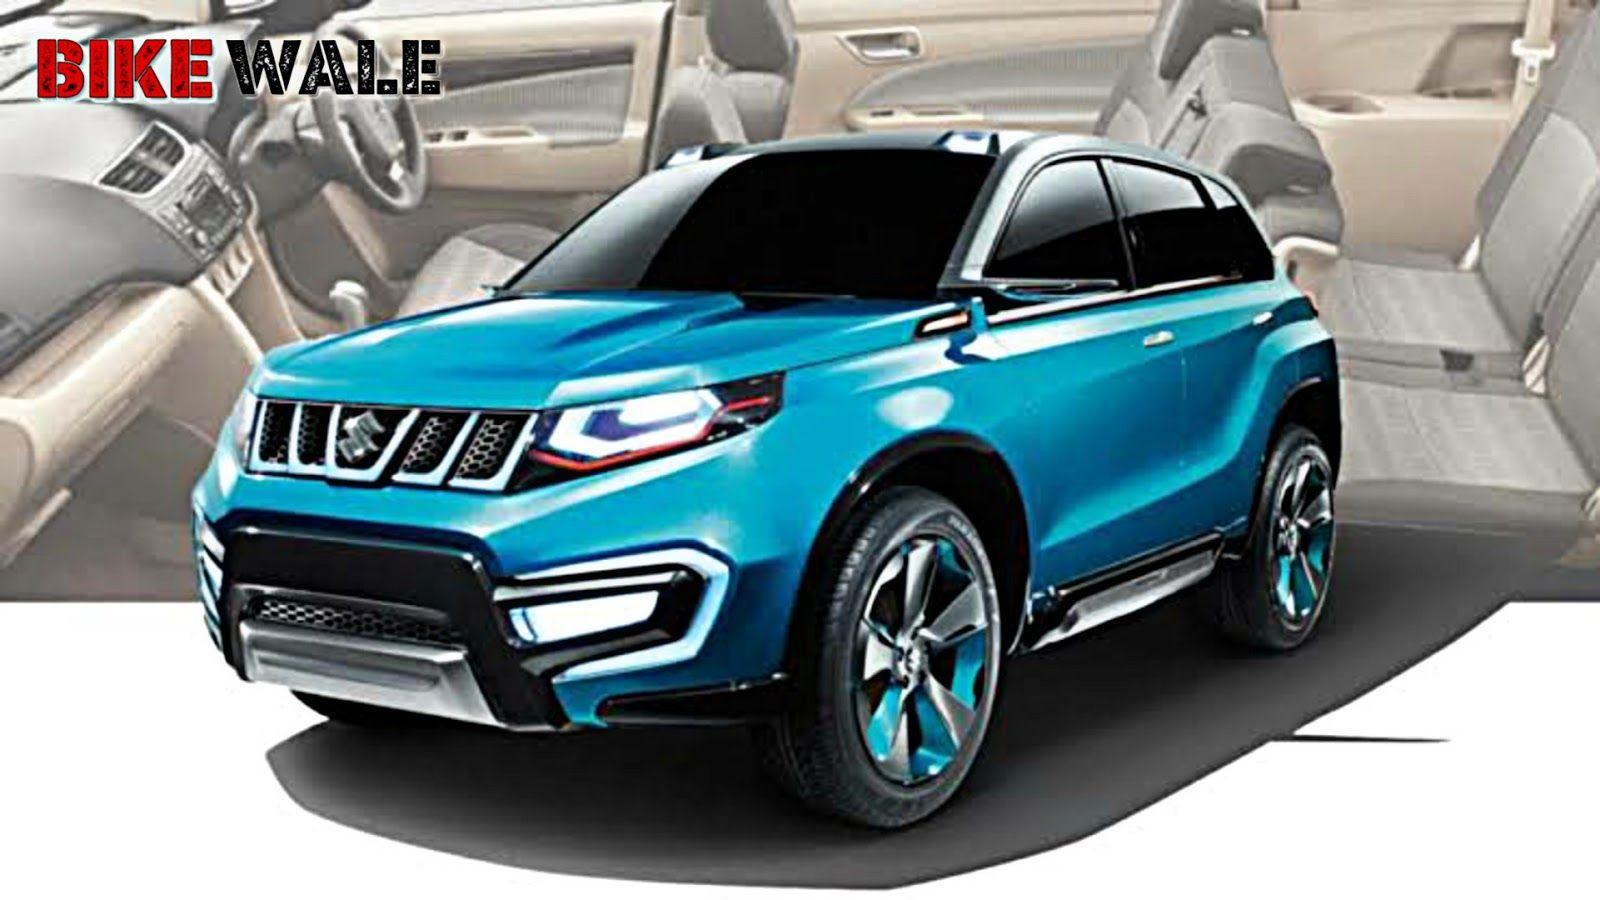 Maruti Suzuki to launch Cretarivalling SUV in 2020 New